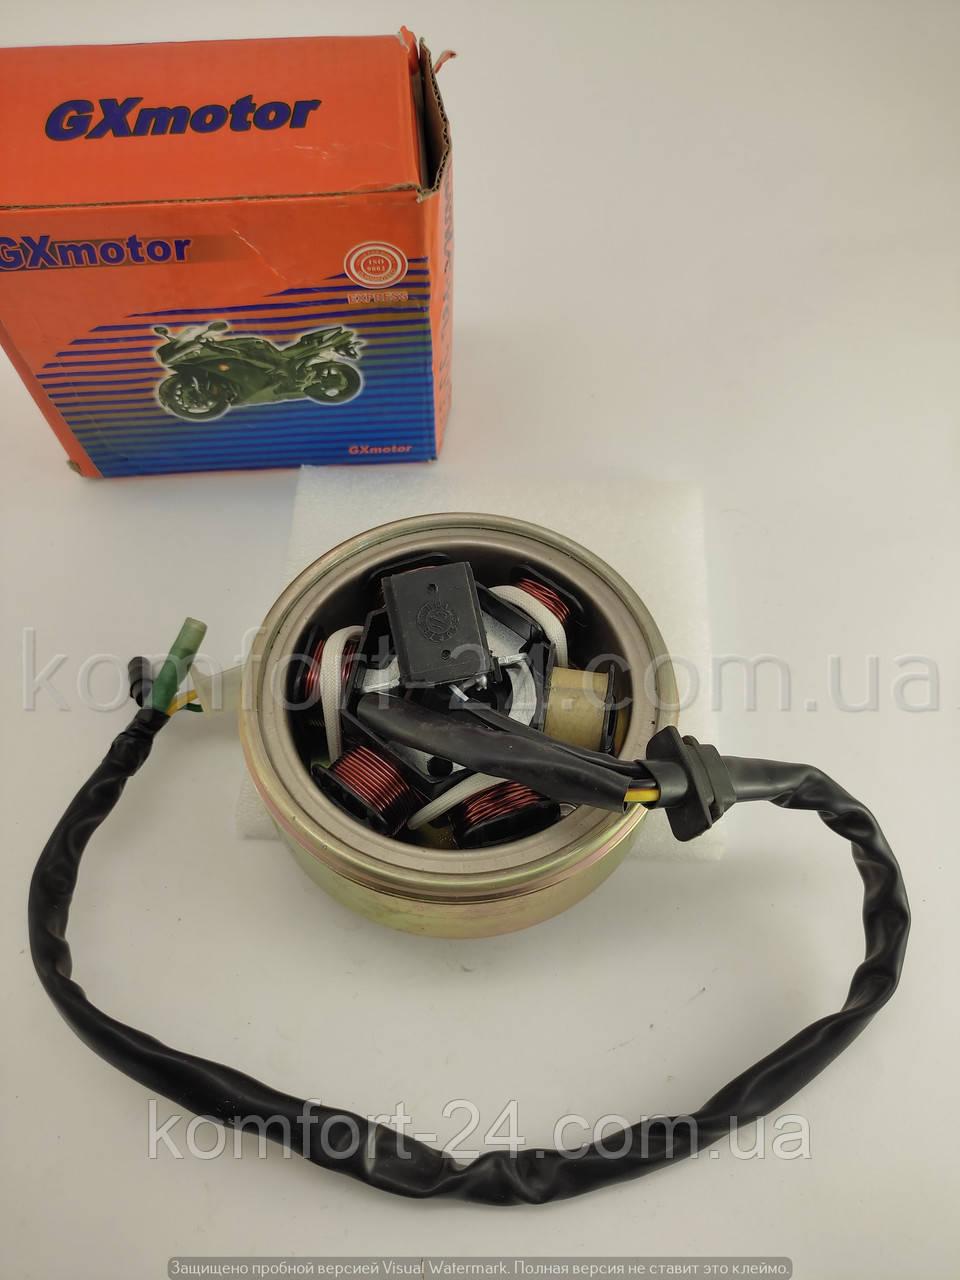 Генератор в зборі GY-6 (5+1) 125cc/150cc 152qmi/157qmj